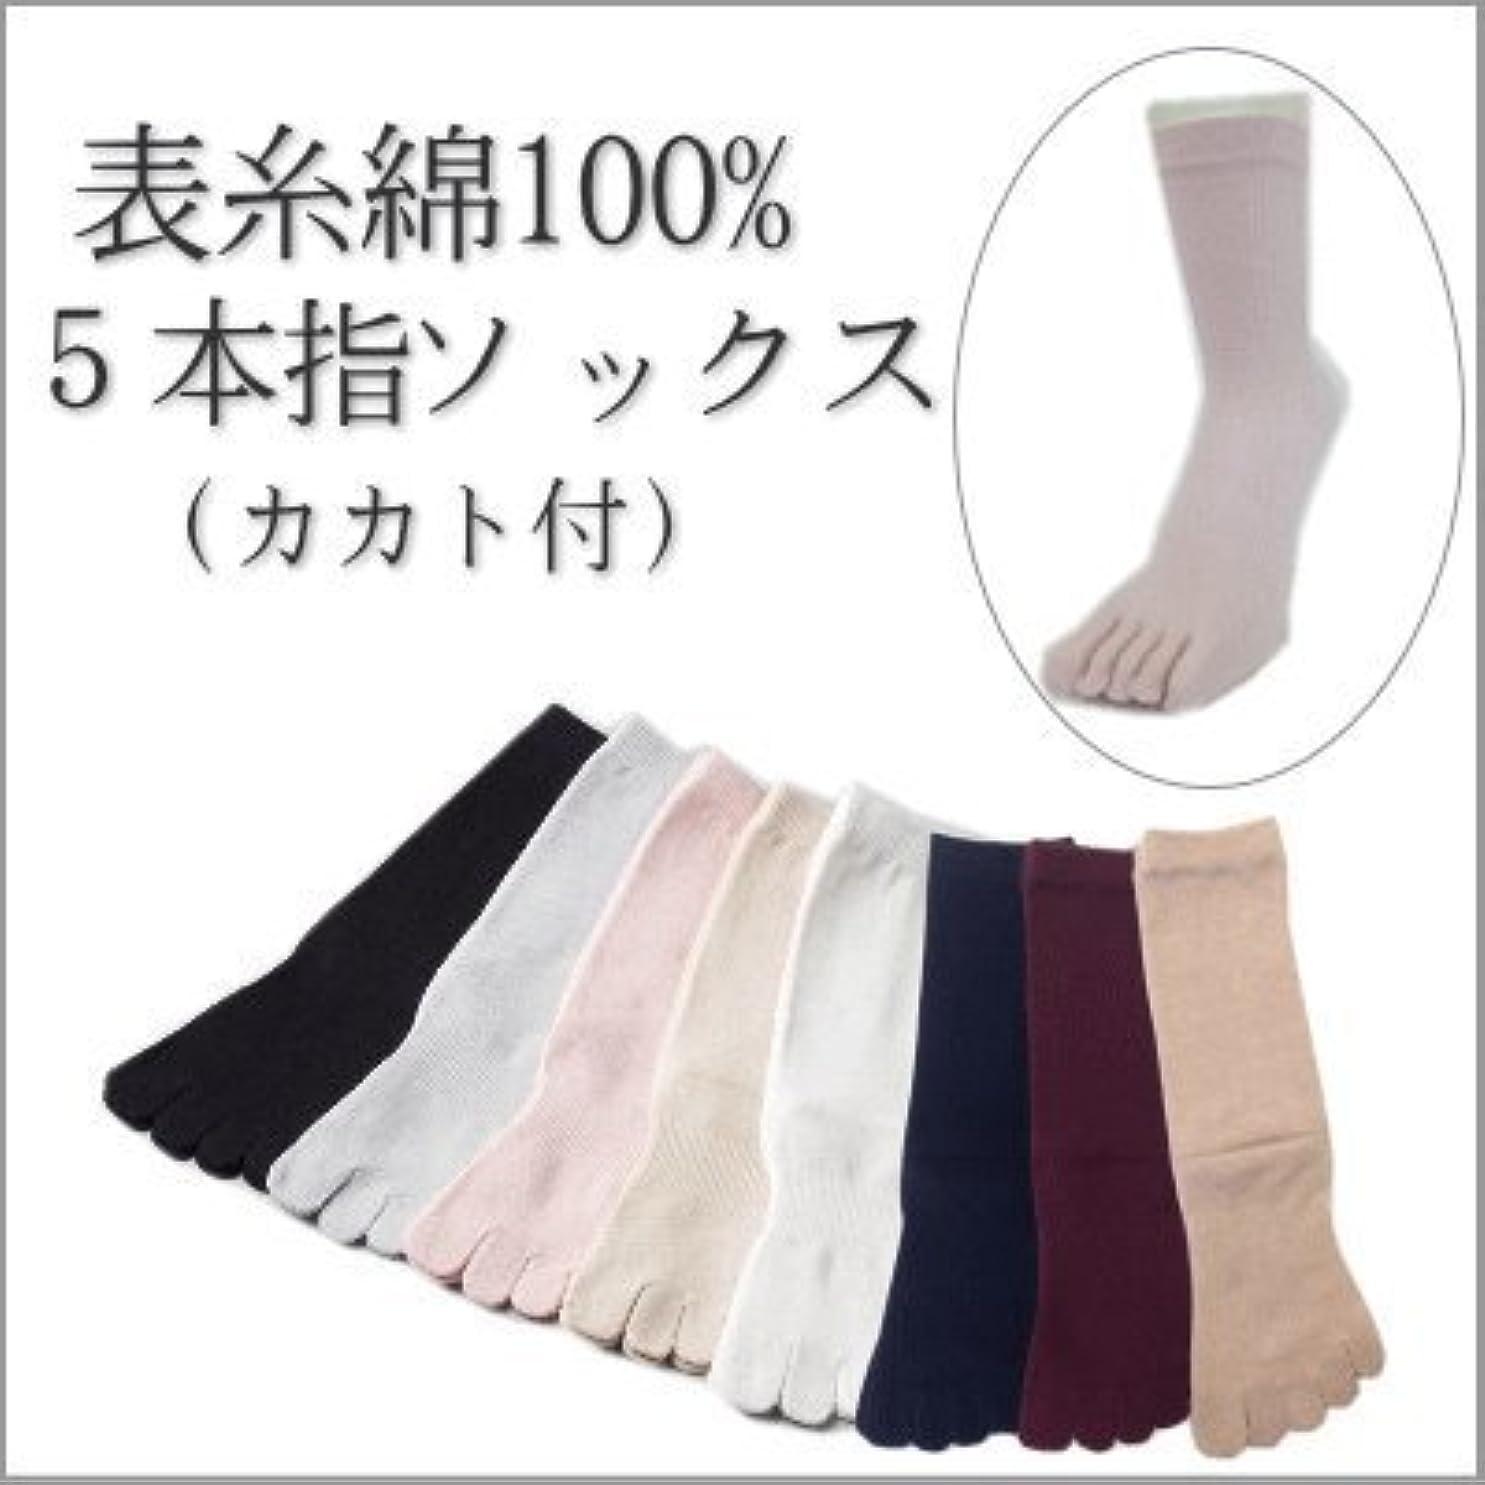 ウッズ信頼性のある立ち向かう女性用 5本指 ソックス 抗菌防臭 加工 綿100%糸使用 老舗 靴下 メーカーのこだわり 23-25cm 太陽ニット 320(ホワイト)